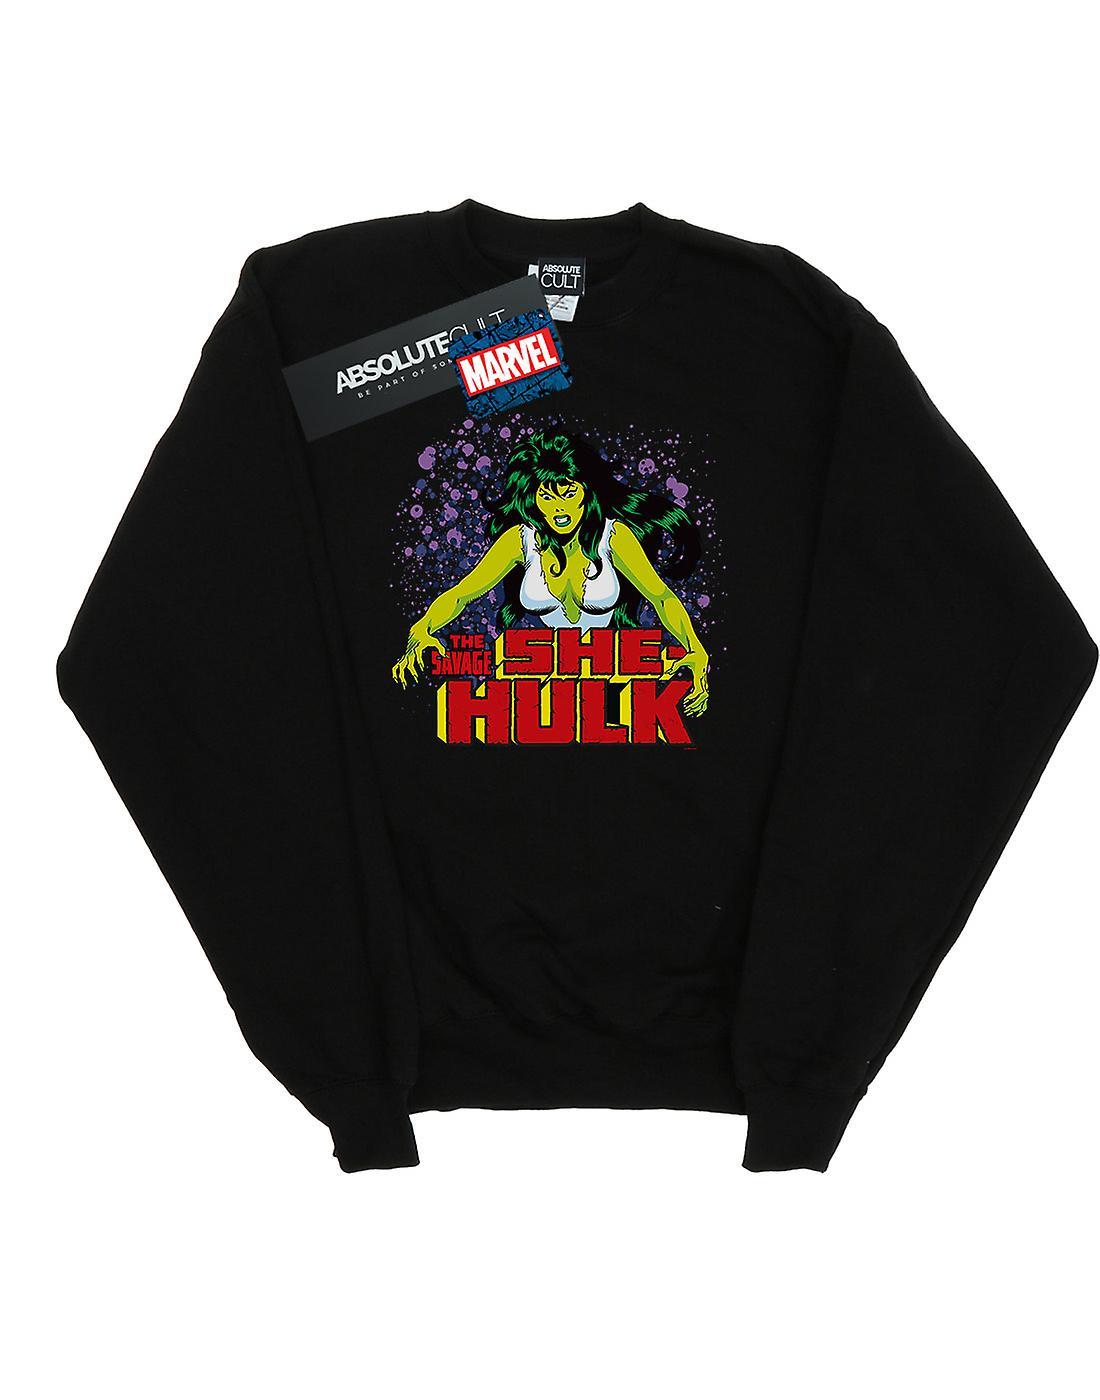 Marvel Women's The Savage She-Hulk Sweatshirt